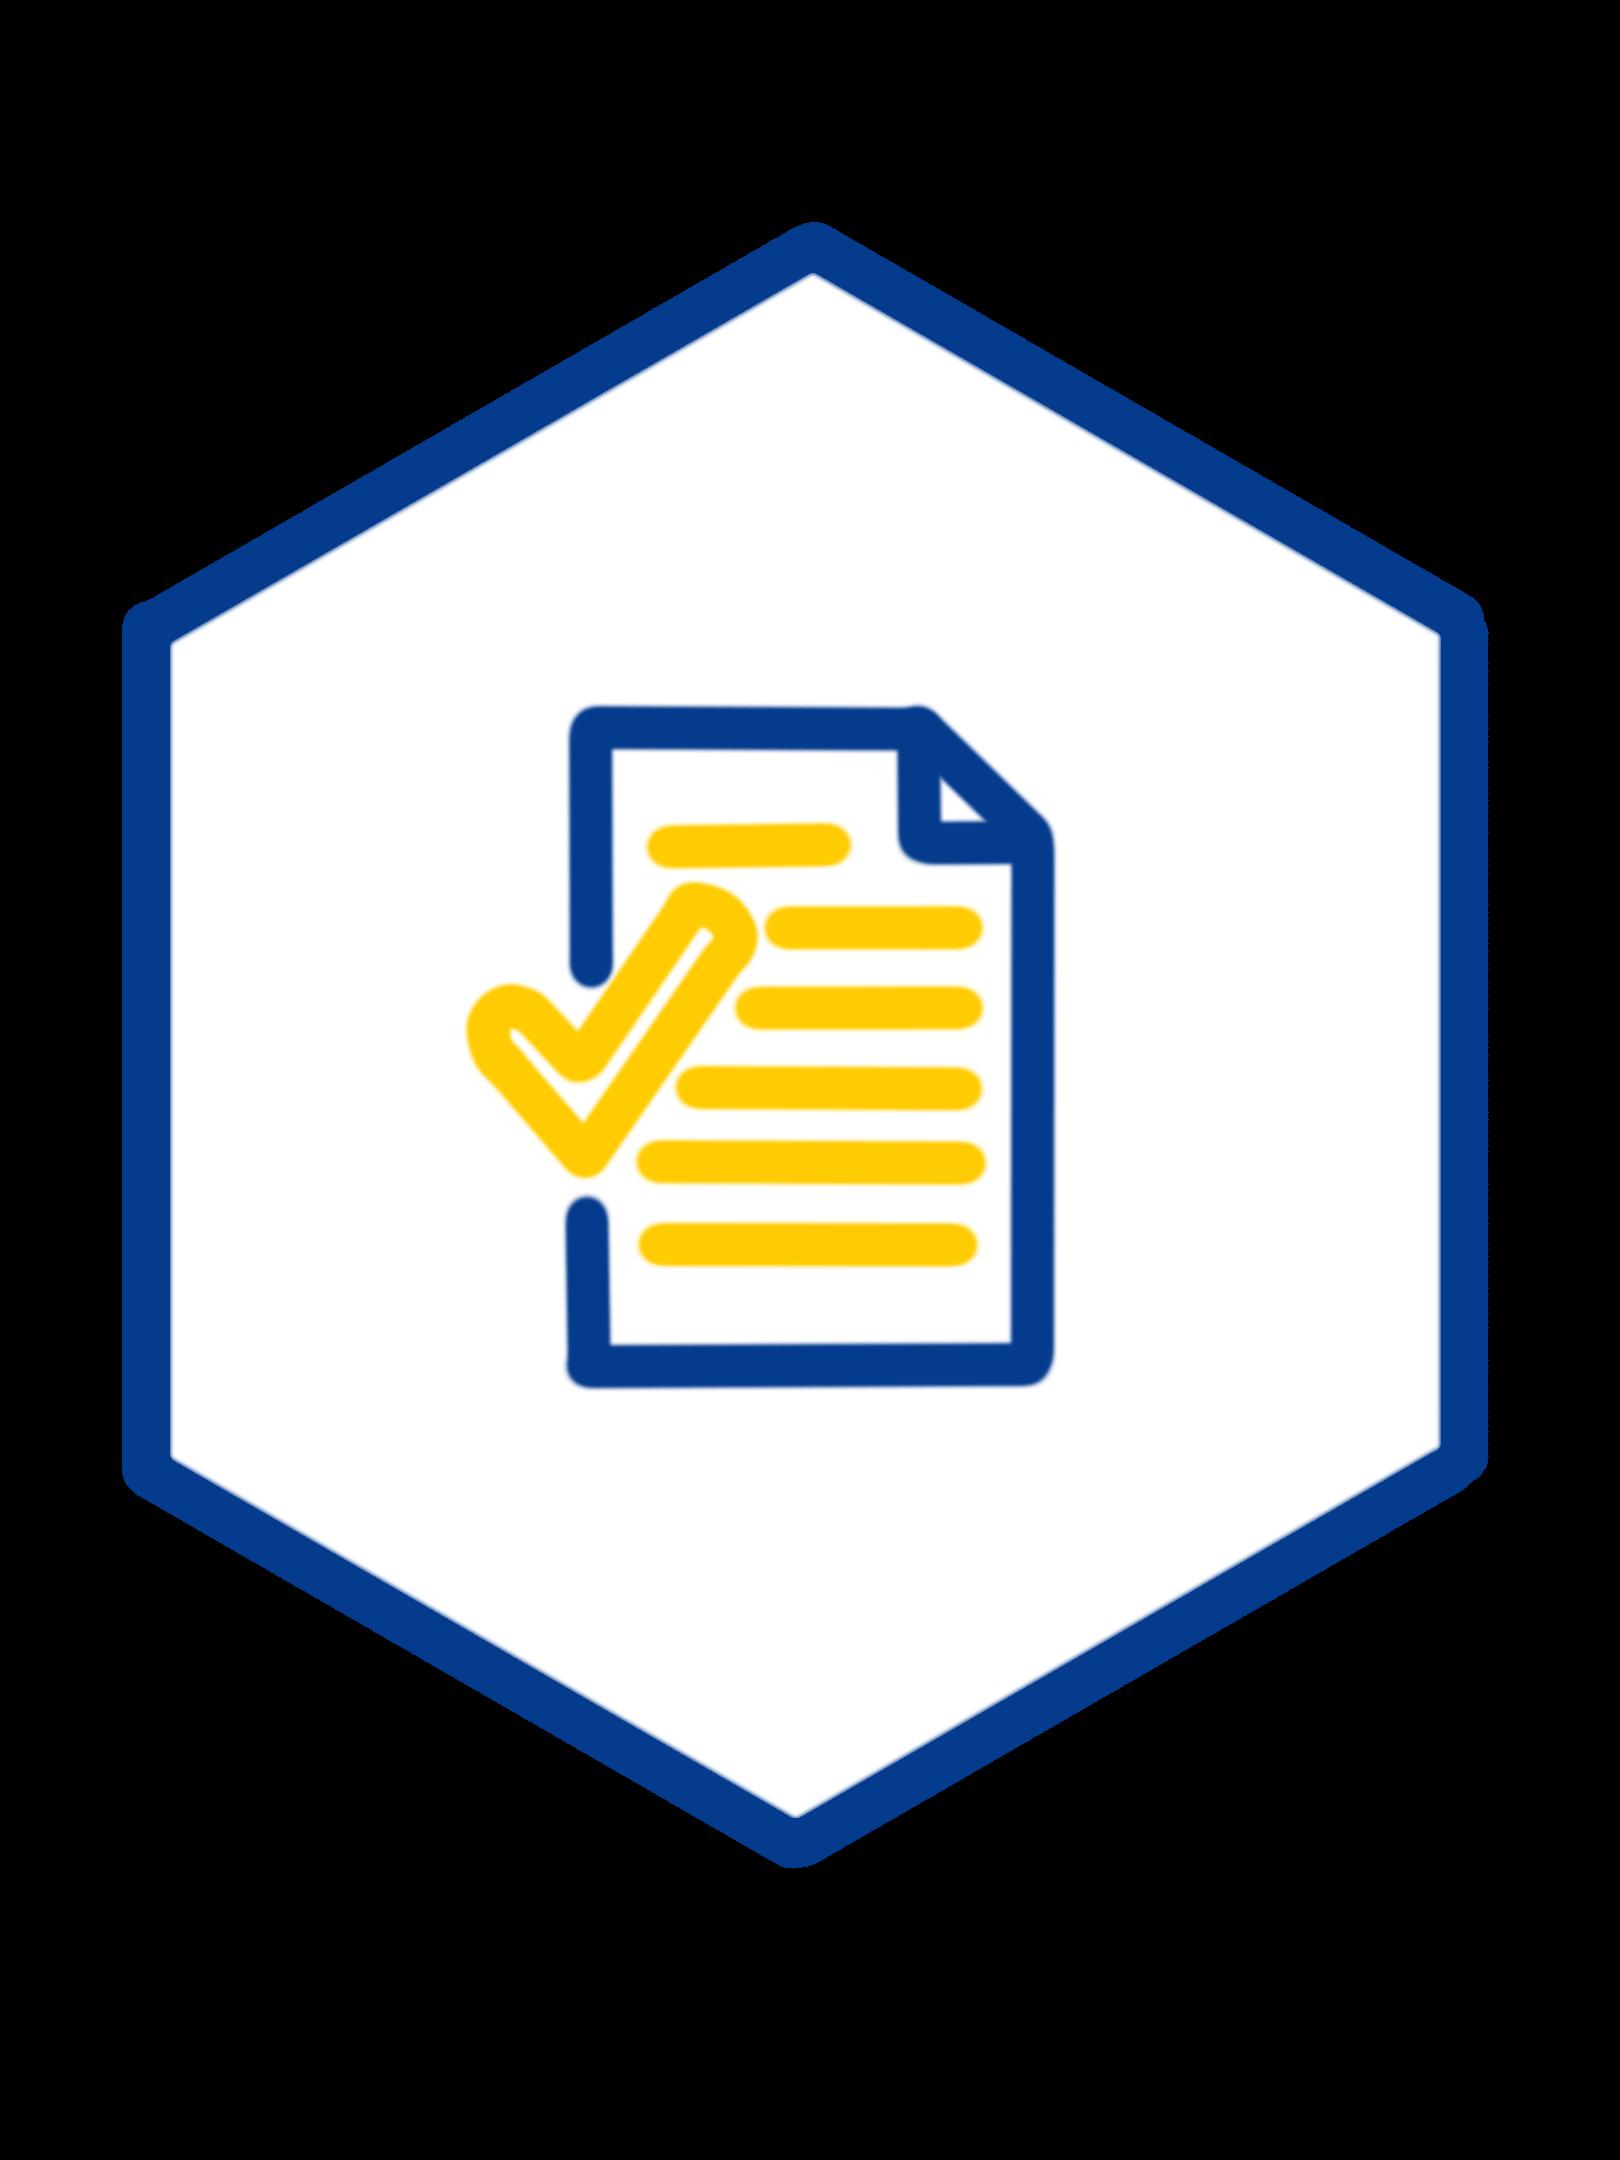 controllo e revisione del progetto di consulenza